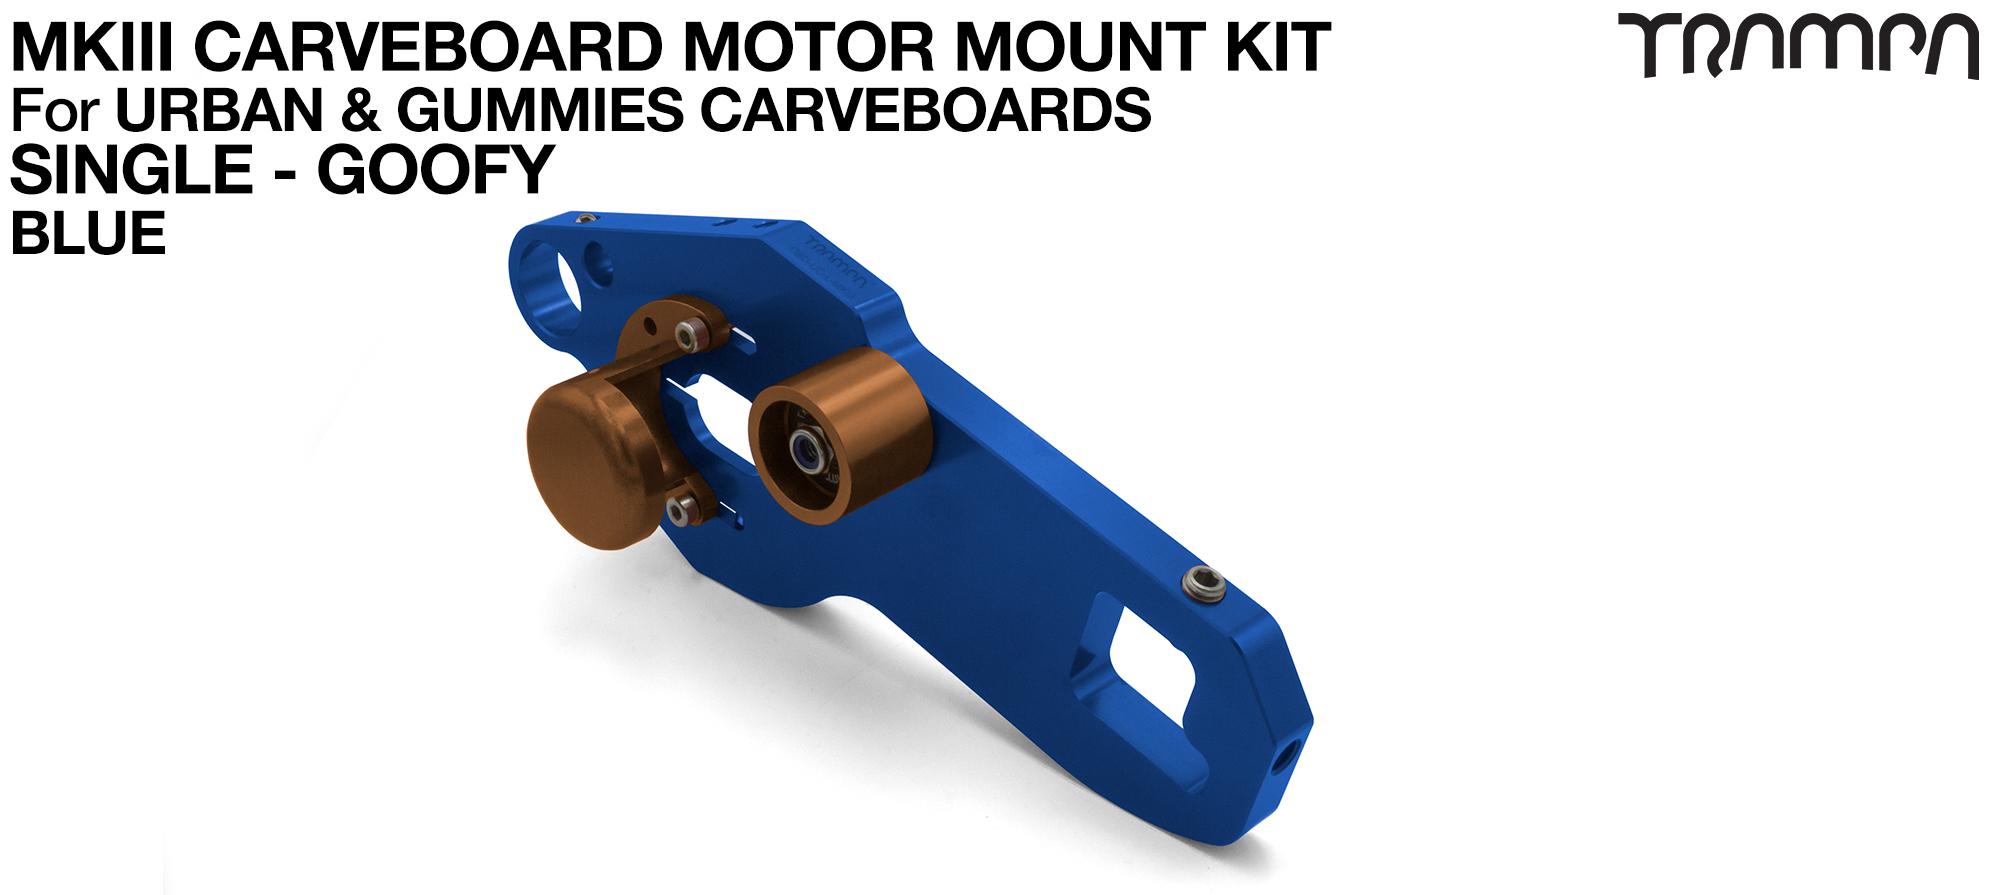 MkIII CARVE BOARD Motor Mount Kit - SINGLE BLUE